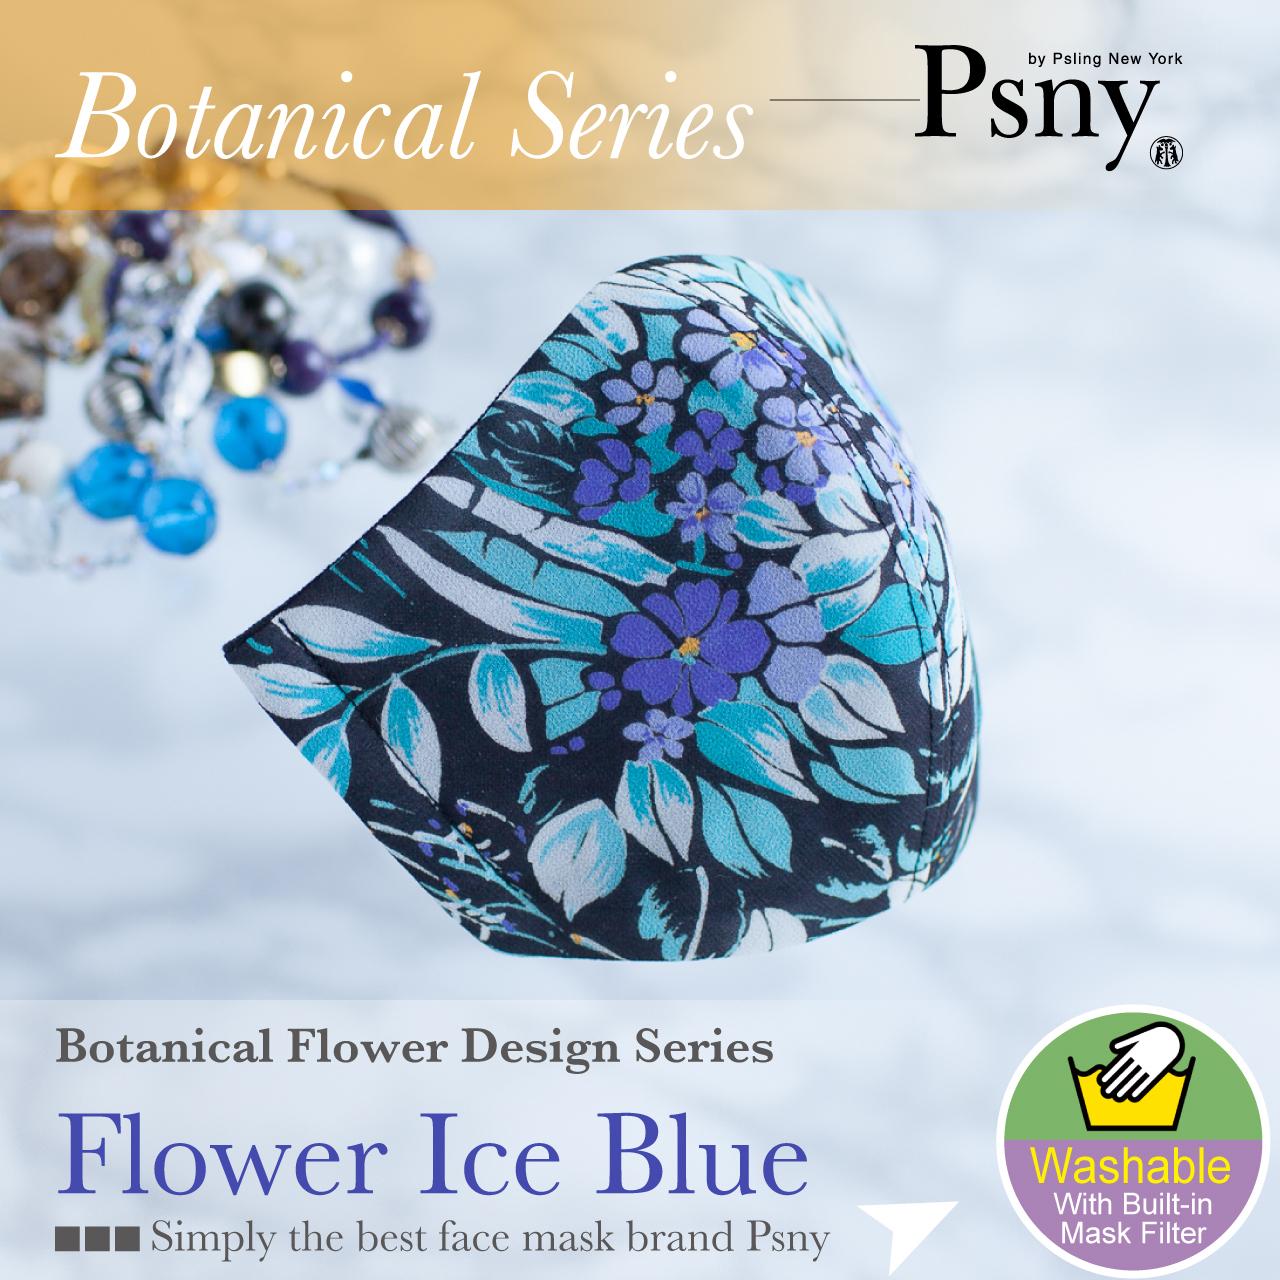 PSNY ボタニカル・フラワー アイスブルー 花粉 黄砂 洗える不織布フィルター入り 立体 大人用 マスク 送料無料 BF2